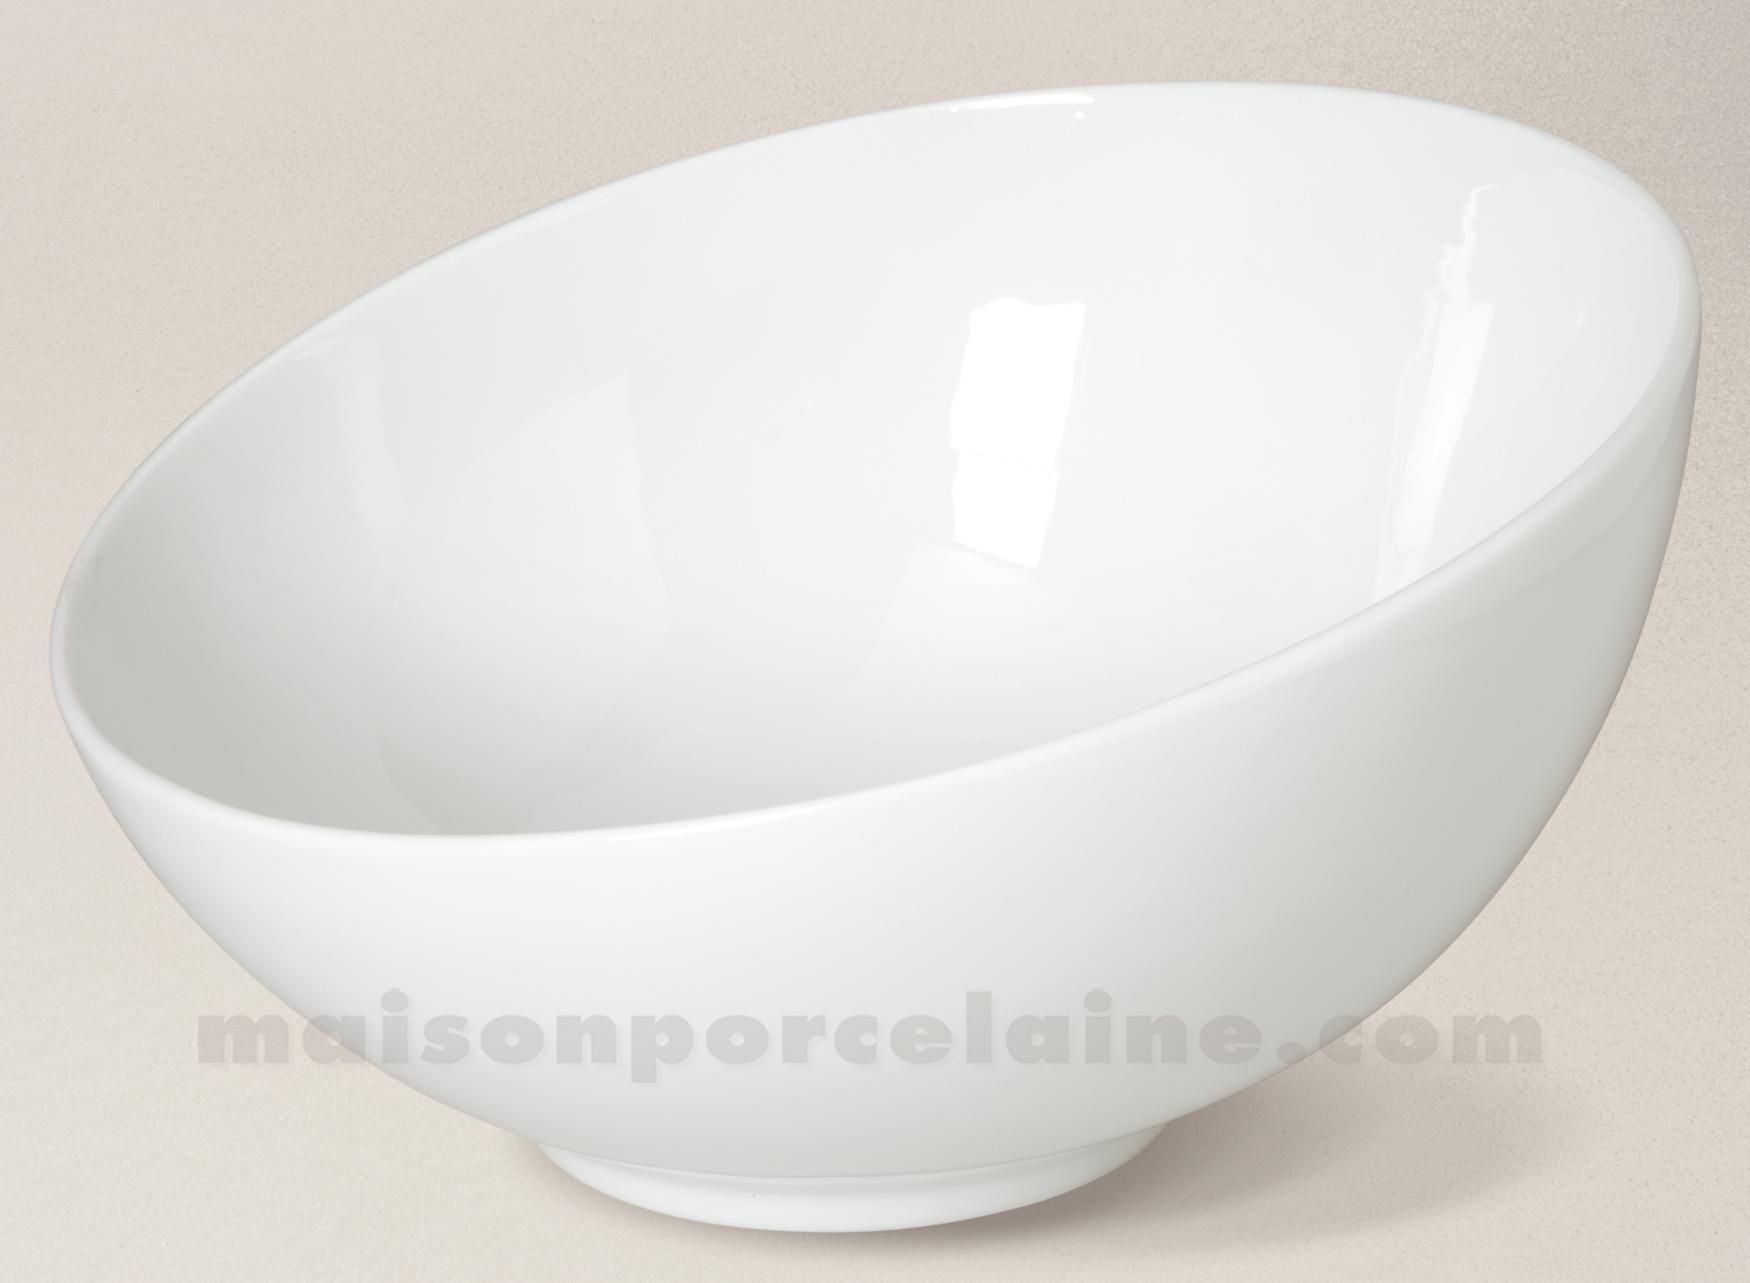 Saladier porcelaine blanche coupe d27 maison de la - Saladier porcelaine blanche ...